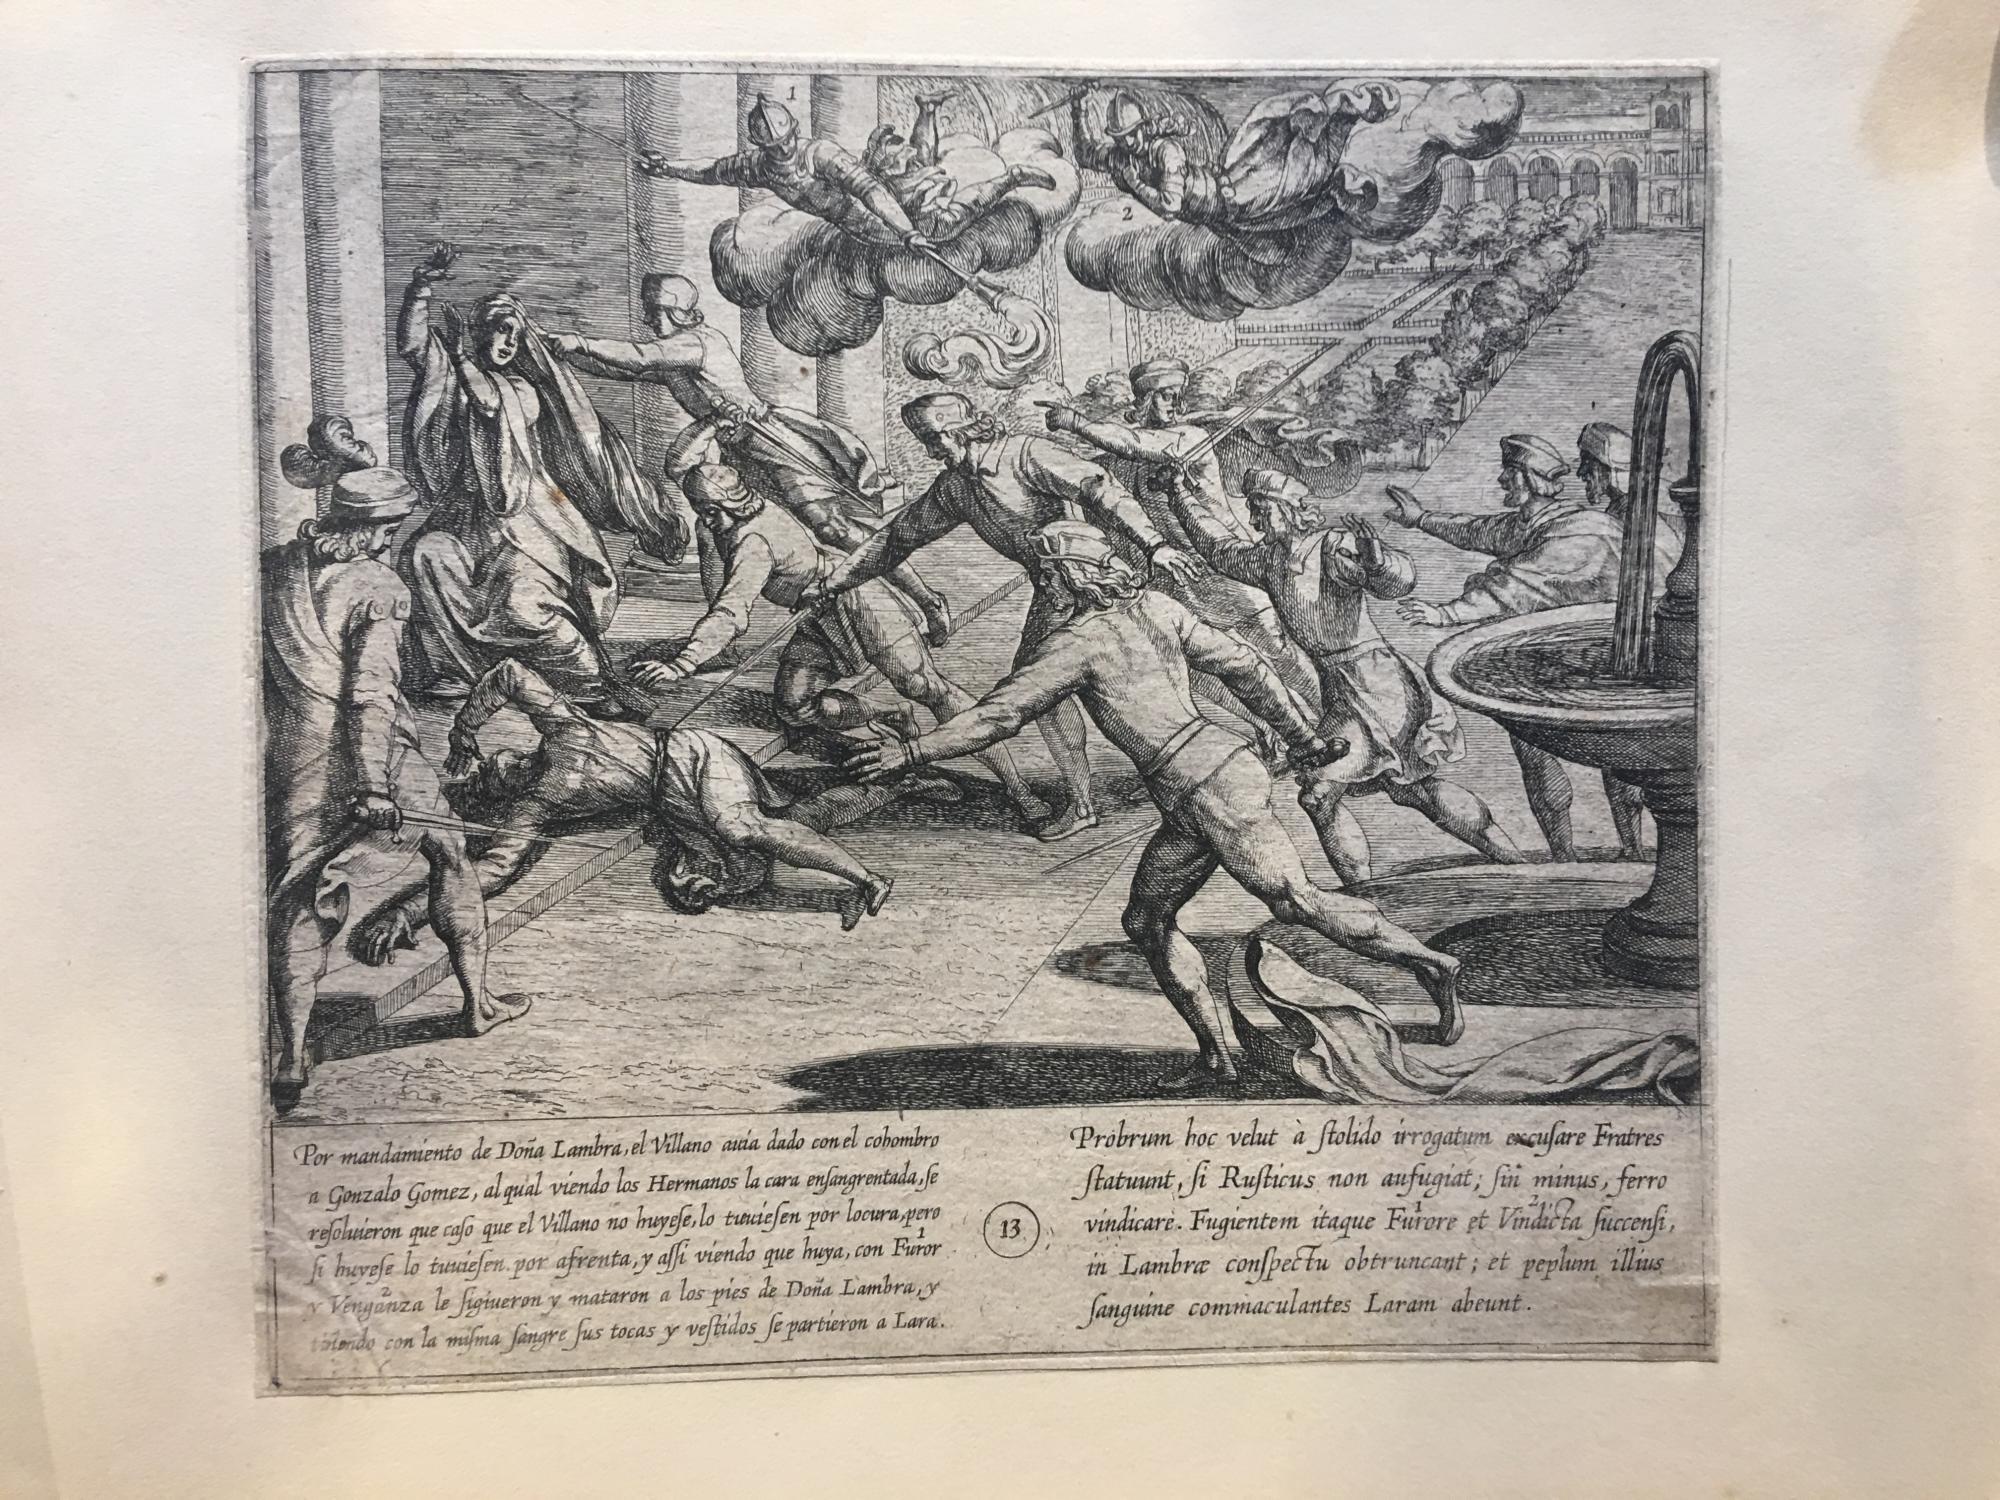 vialibri ~ rare books from 1612 page 1historia septem infantium de lara historia de los siete infantes de lara 1612 1612 philippum lisaert amsterdam (antuerpiae) 1 vol